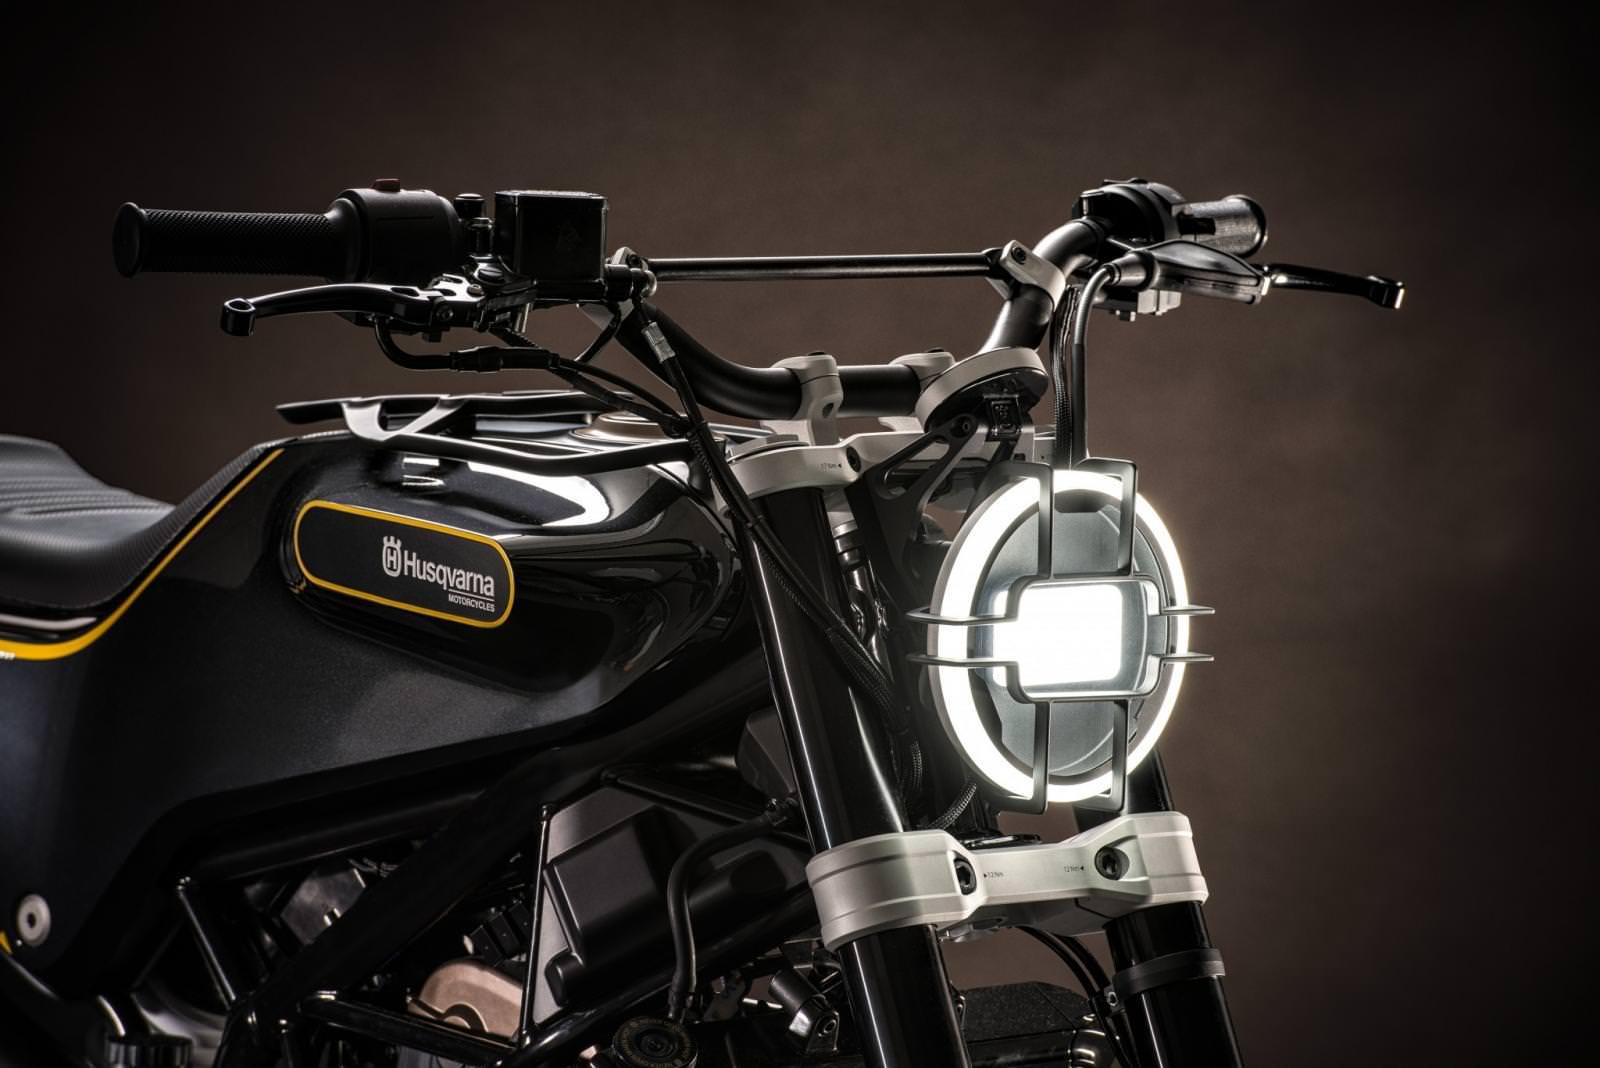 [バイク] ハスクの「401 Svartpilen」と「401 Vitpilen」が2017年モデルとして市販される